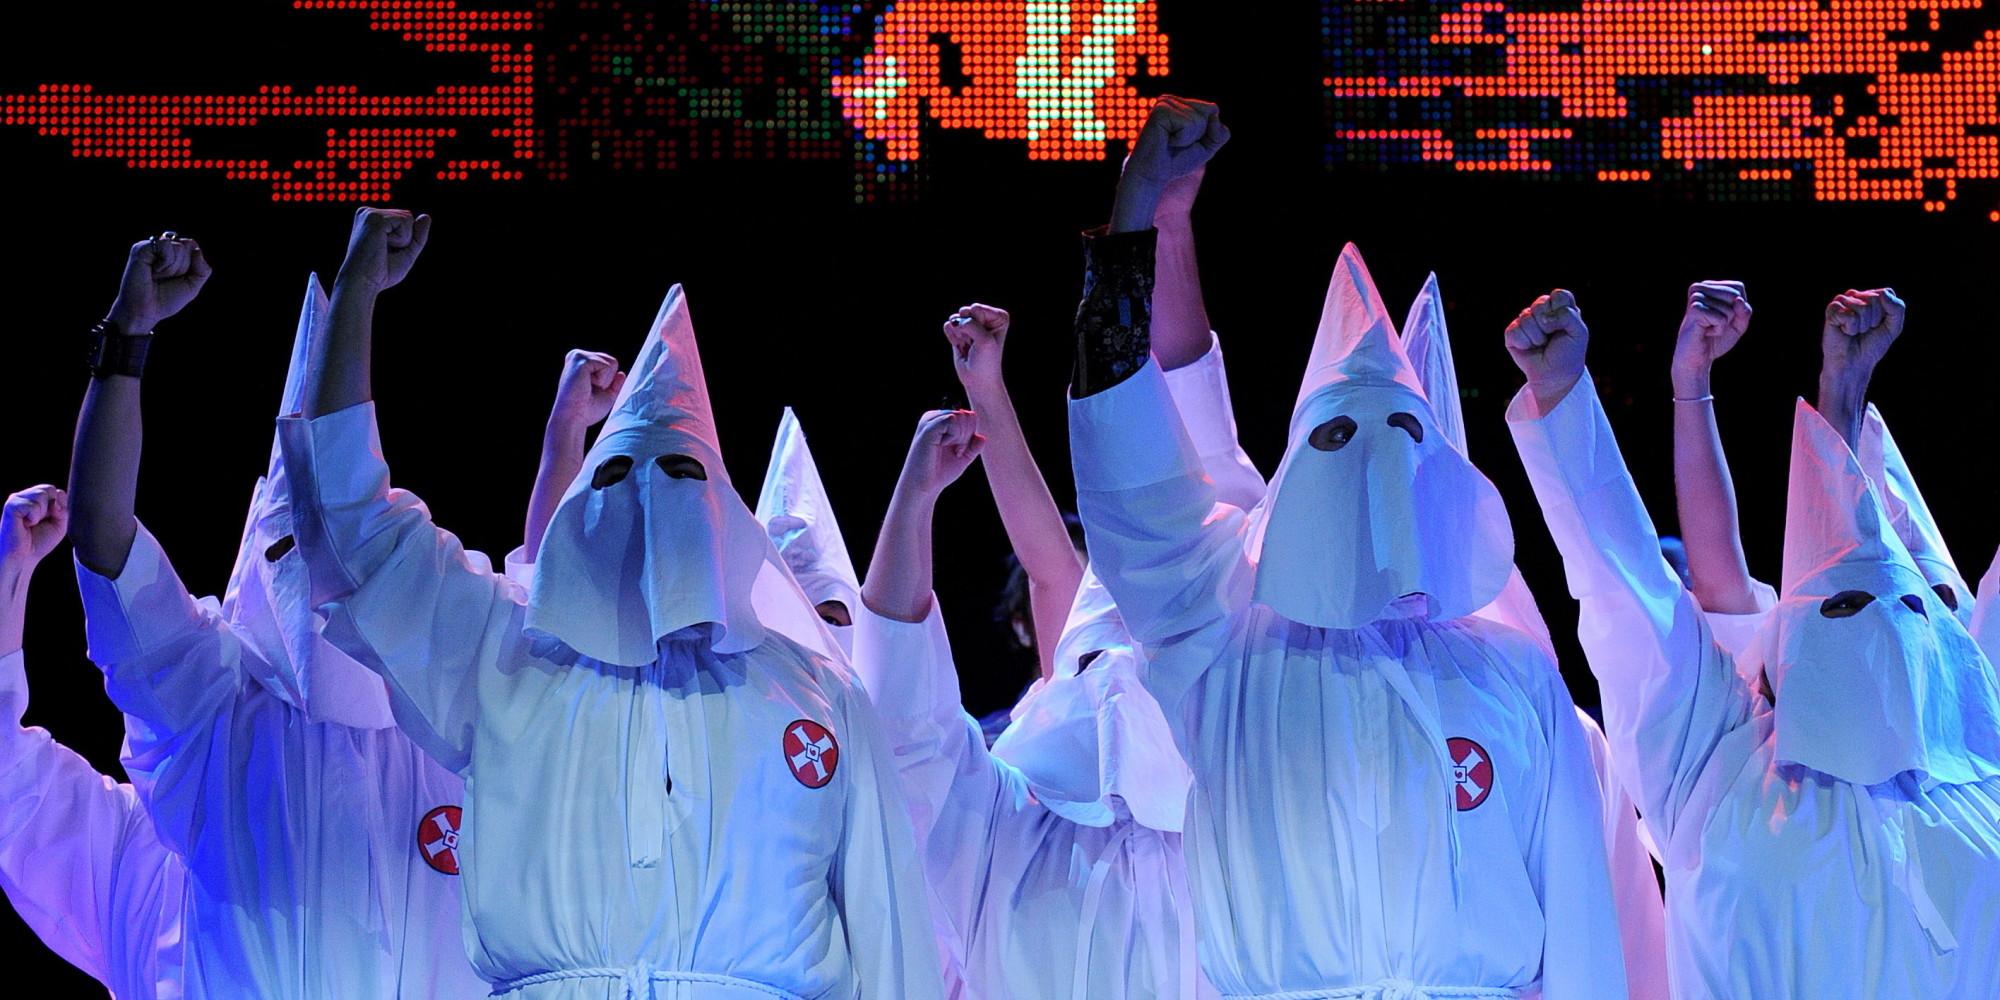 Le Ku Klux Klan Bient 244 T Ouvert Aux Noirs Et Aux Homosexuels